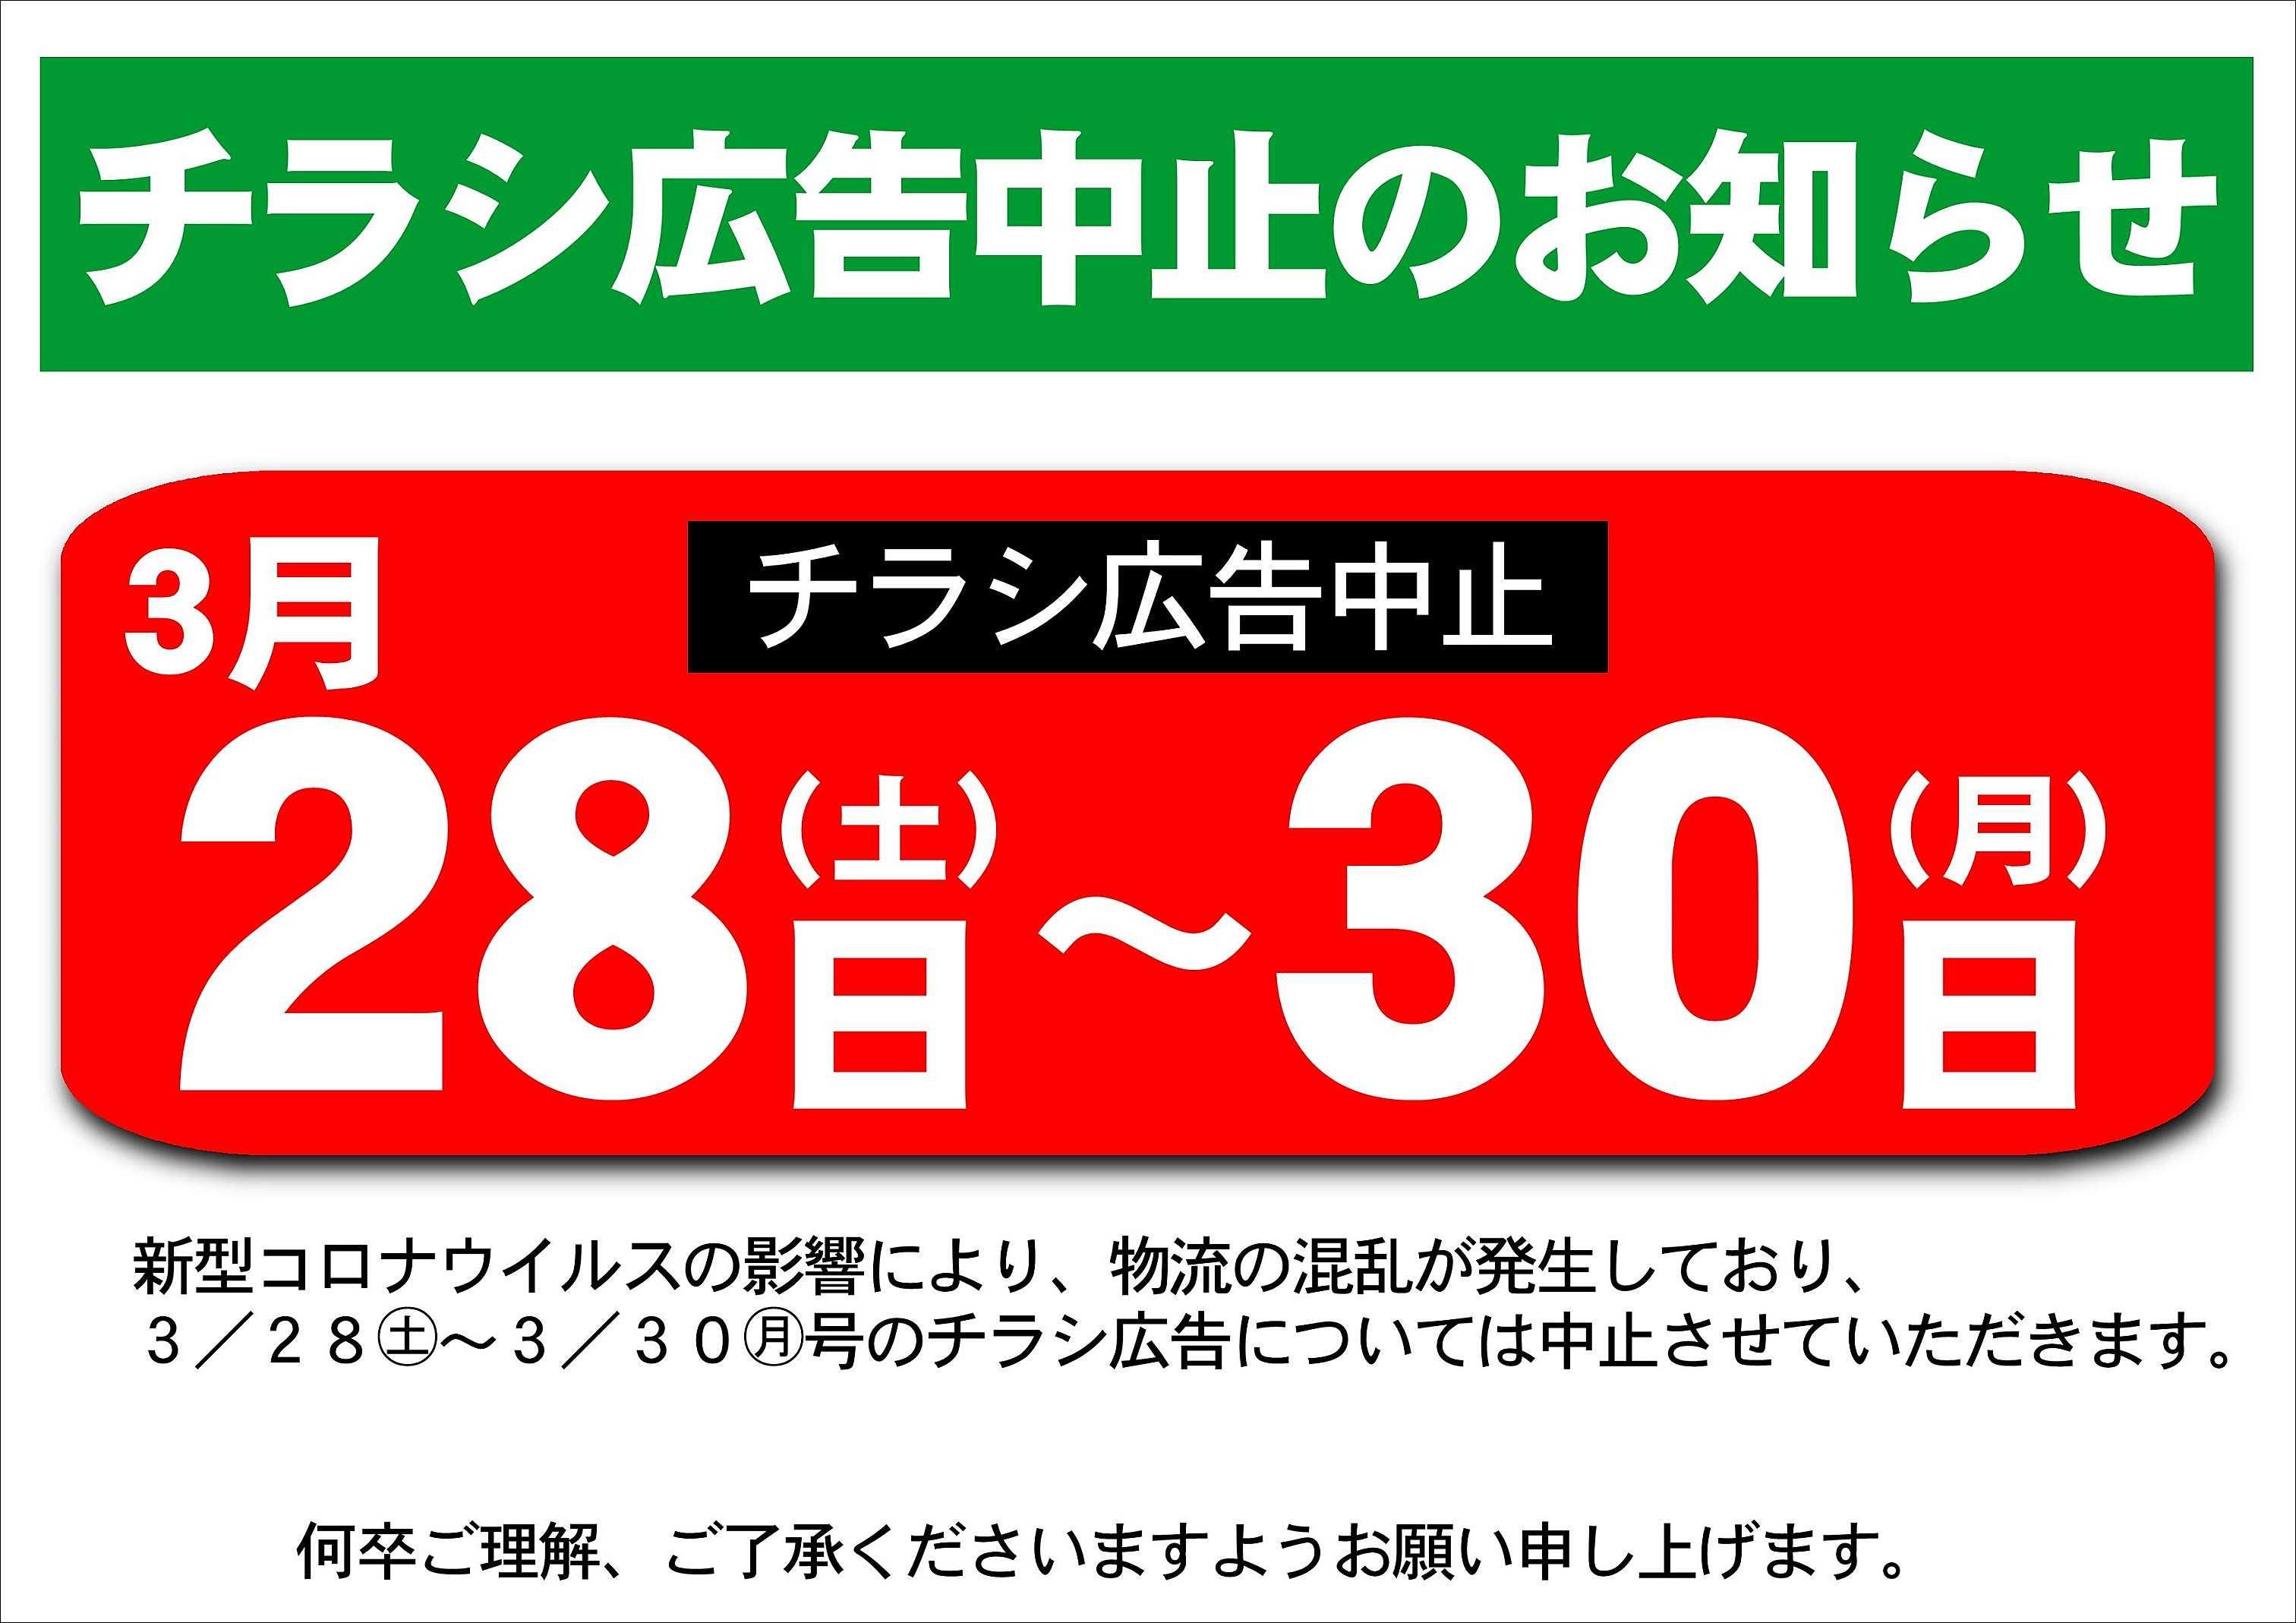 オオゼキ 3/28(土)号チラシ広告中止のお知らせ